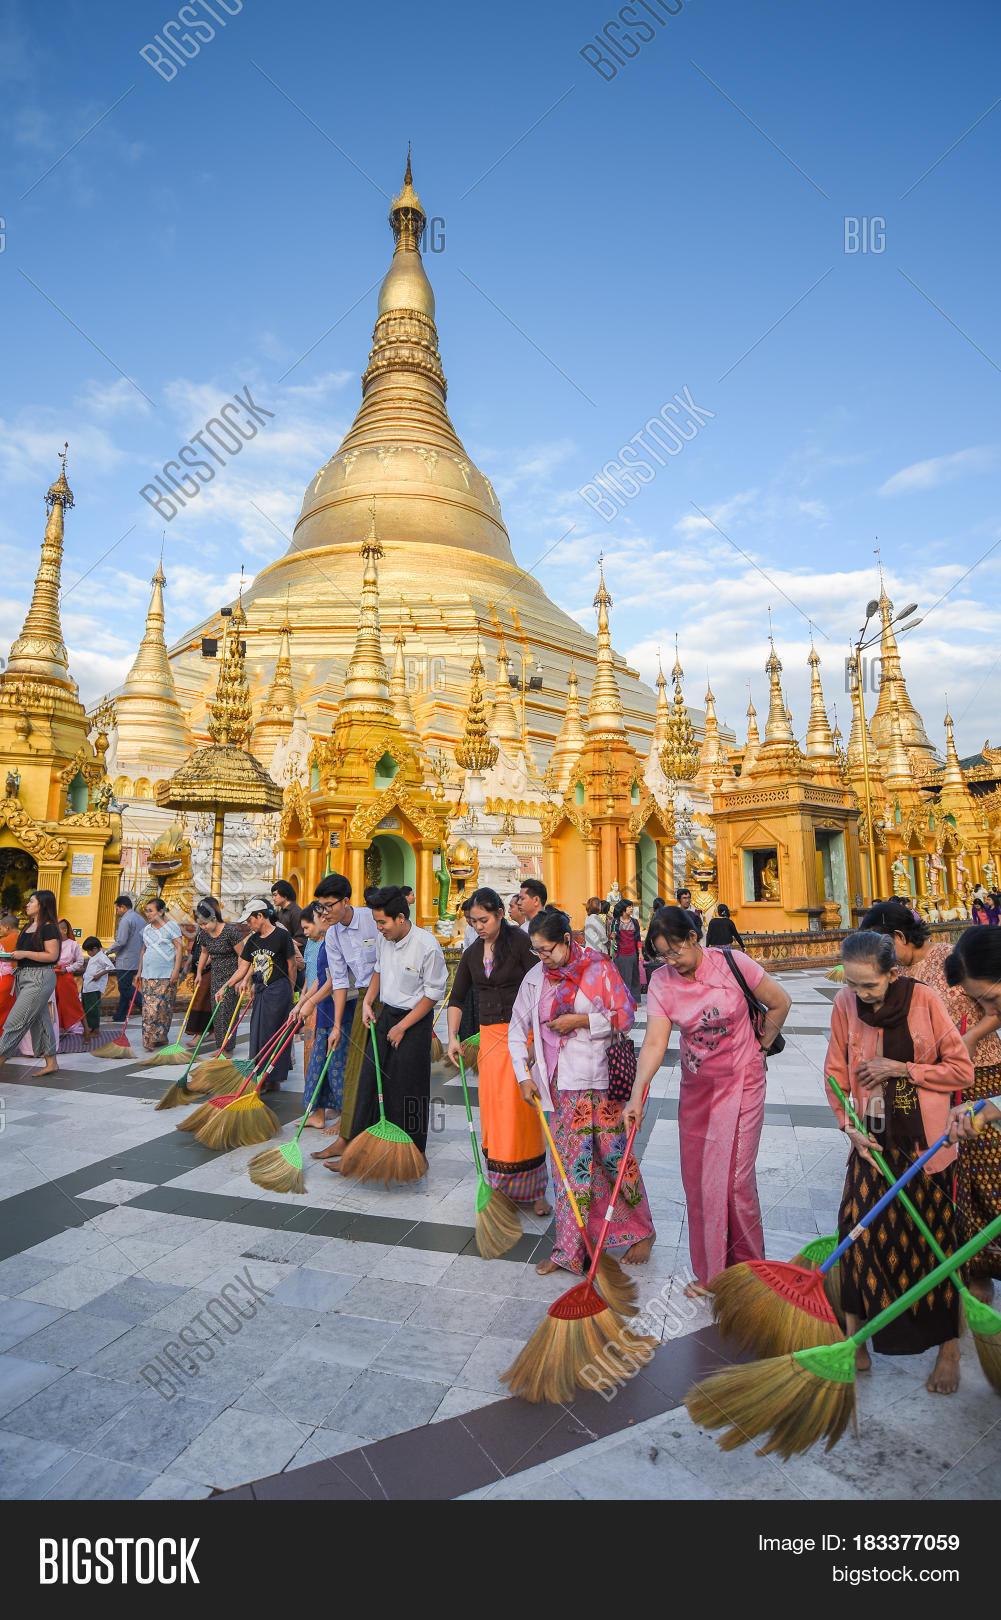 YANGON MYANMAR - Image & Photo (Free Trial) | Bigstock